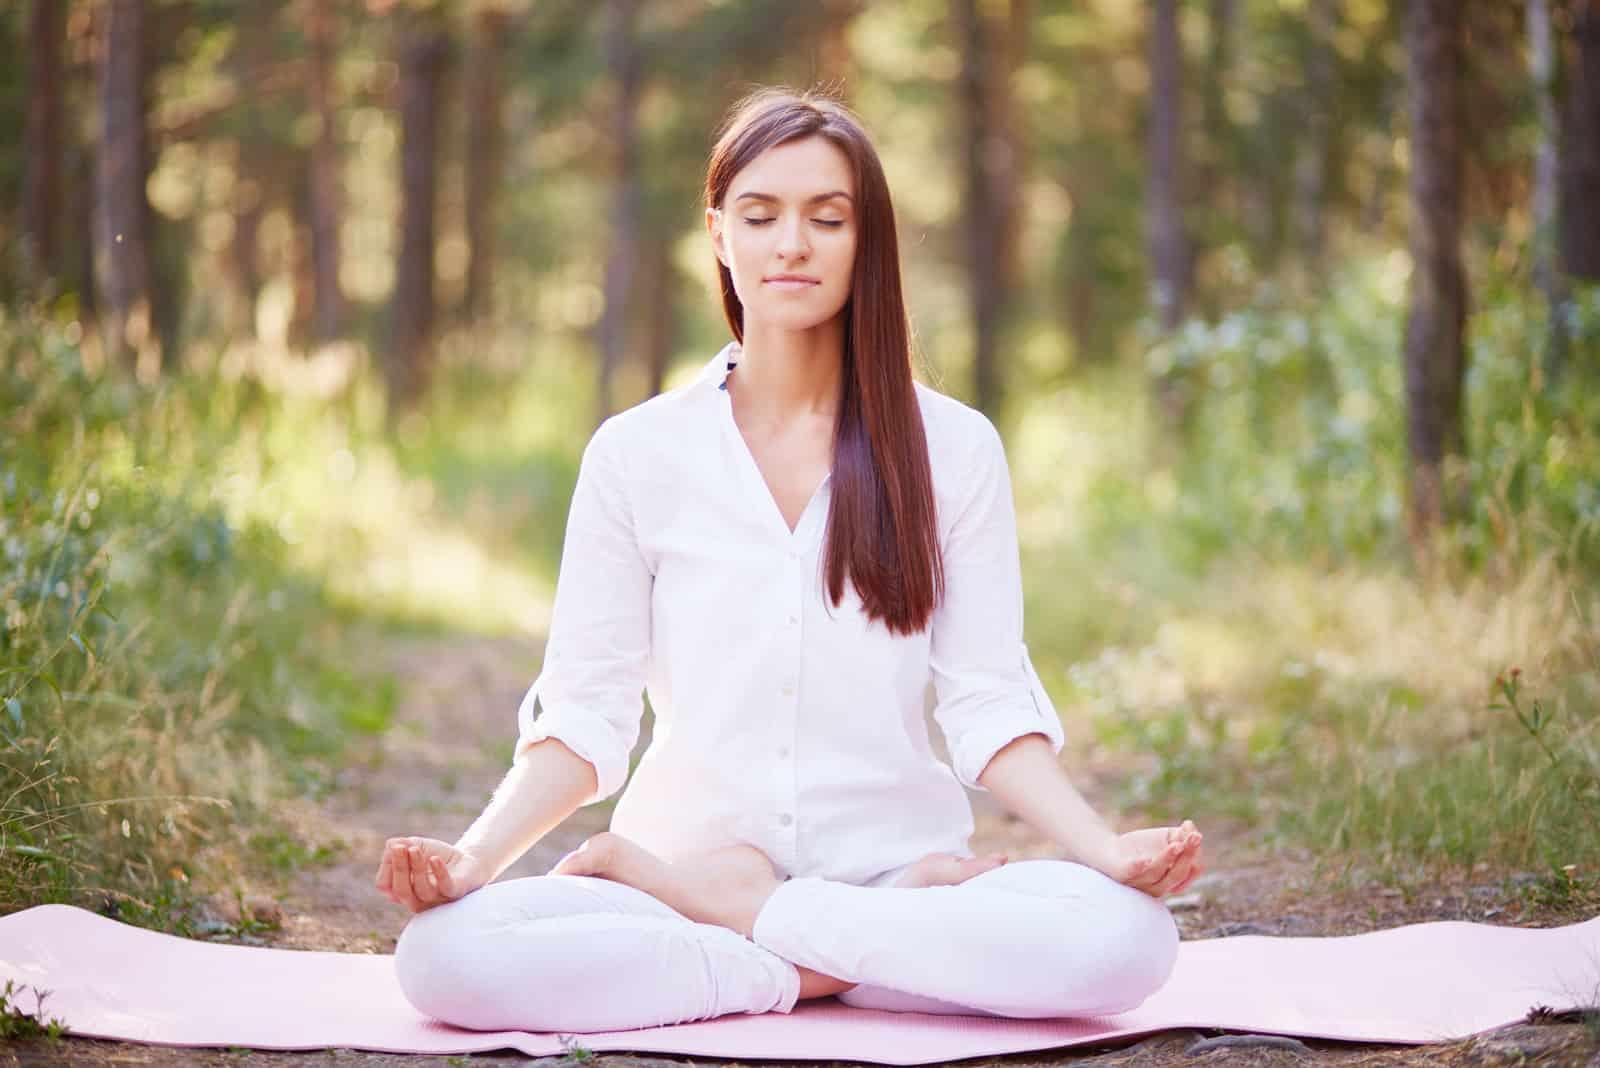 schöne brünette meditiert in der natur